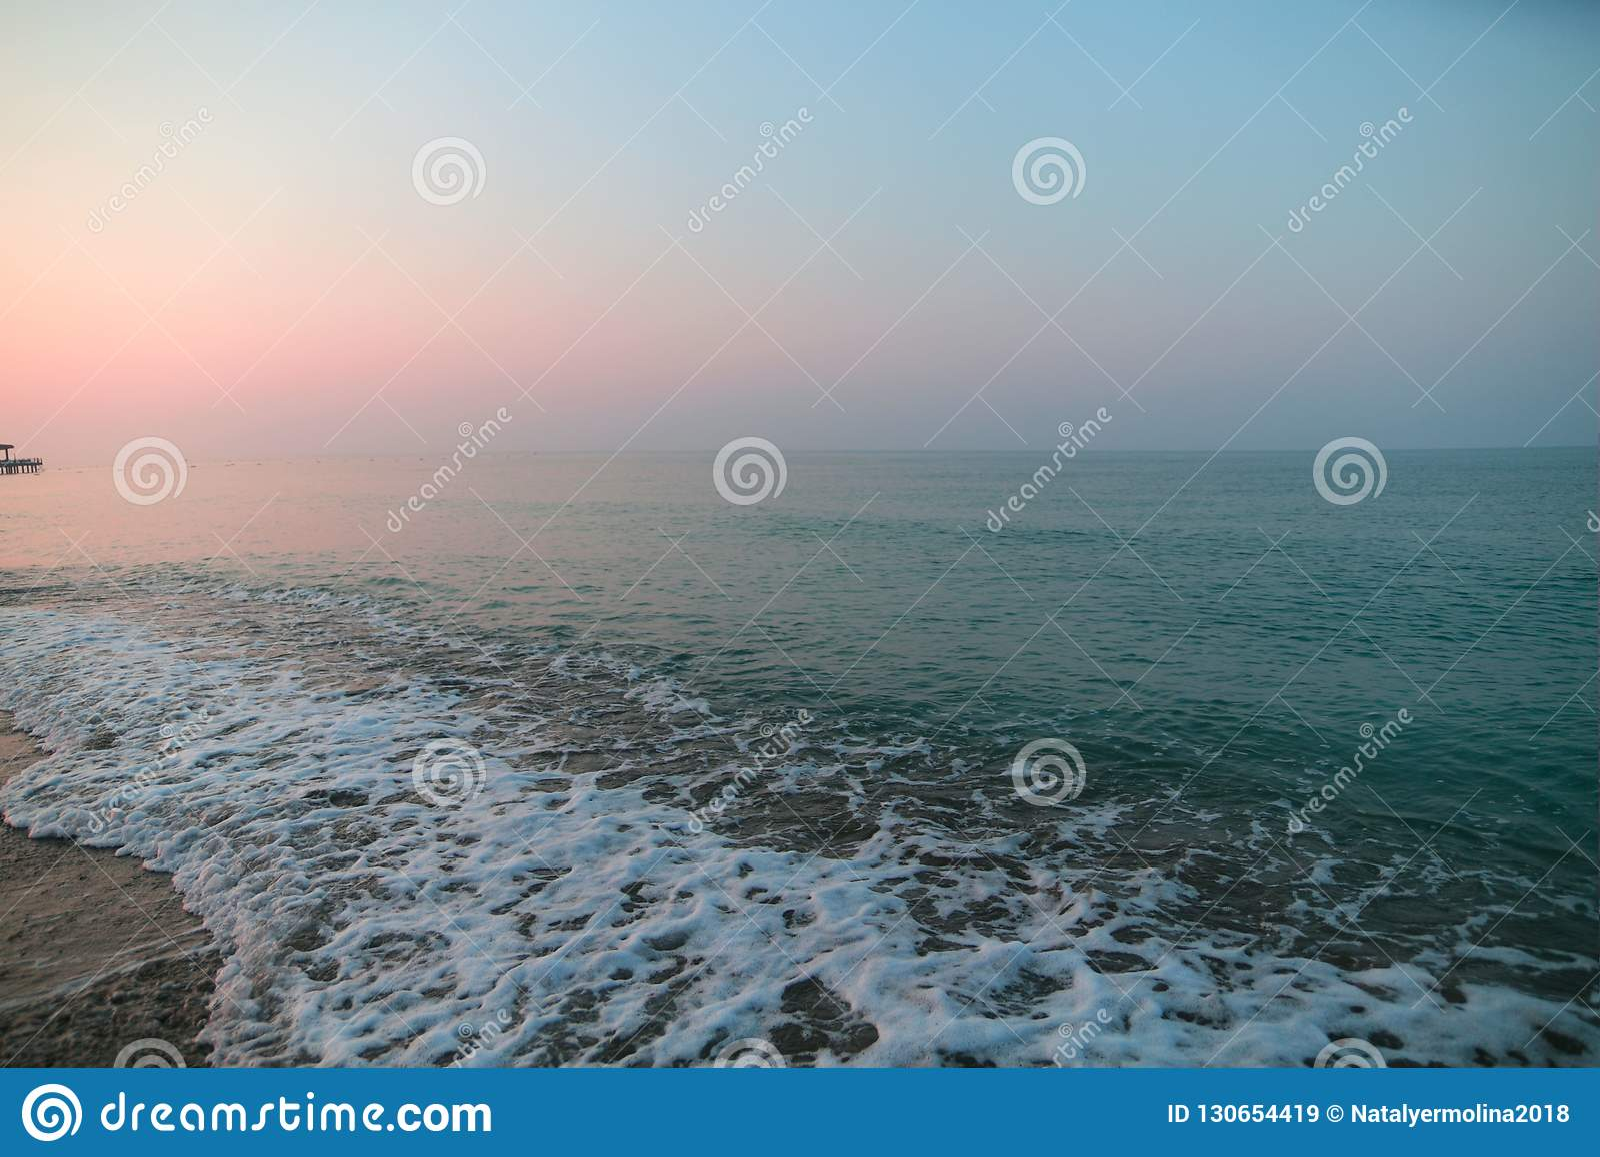 Havsskum på stranden sätta på land soluppgången